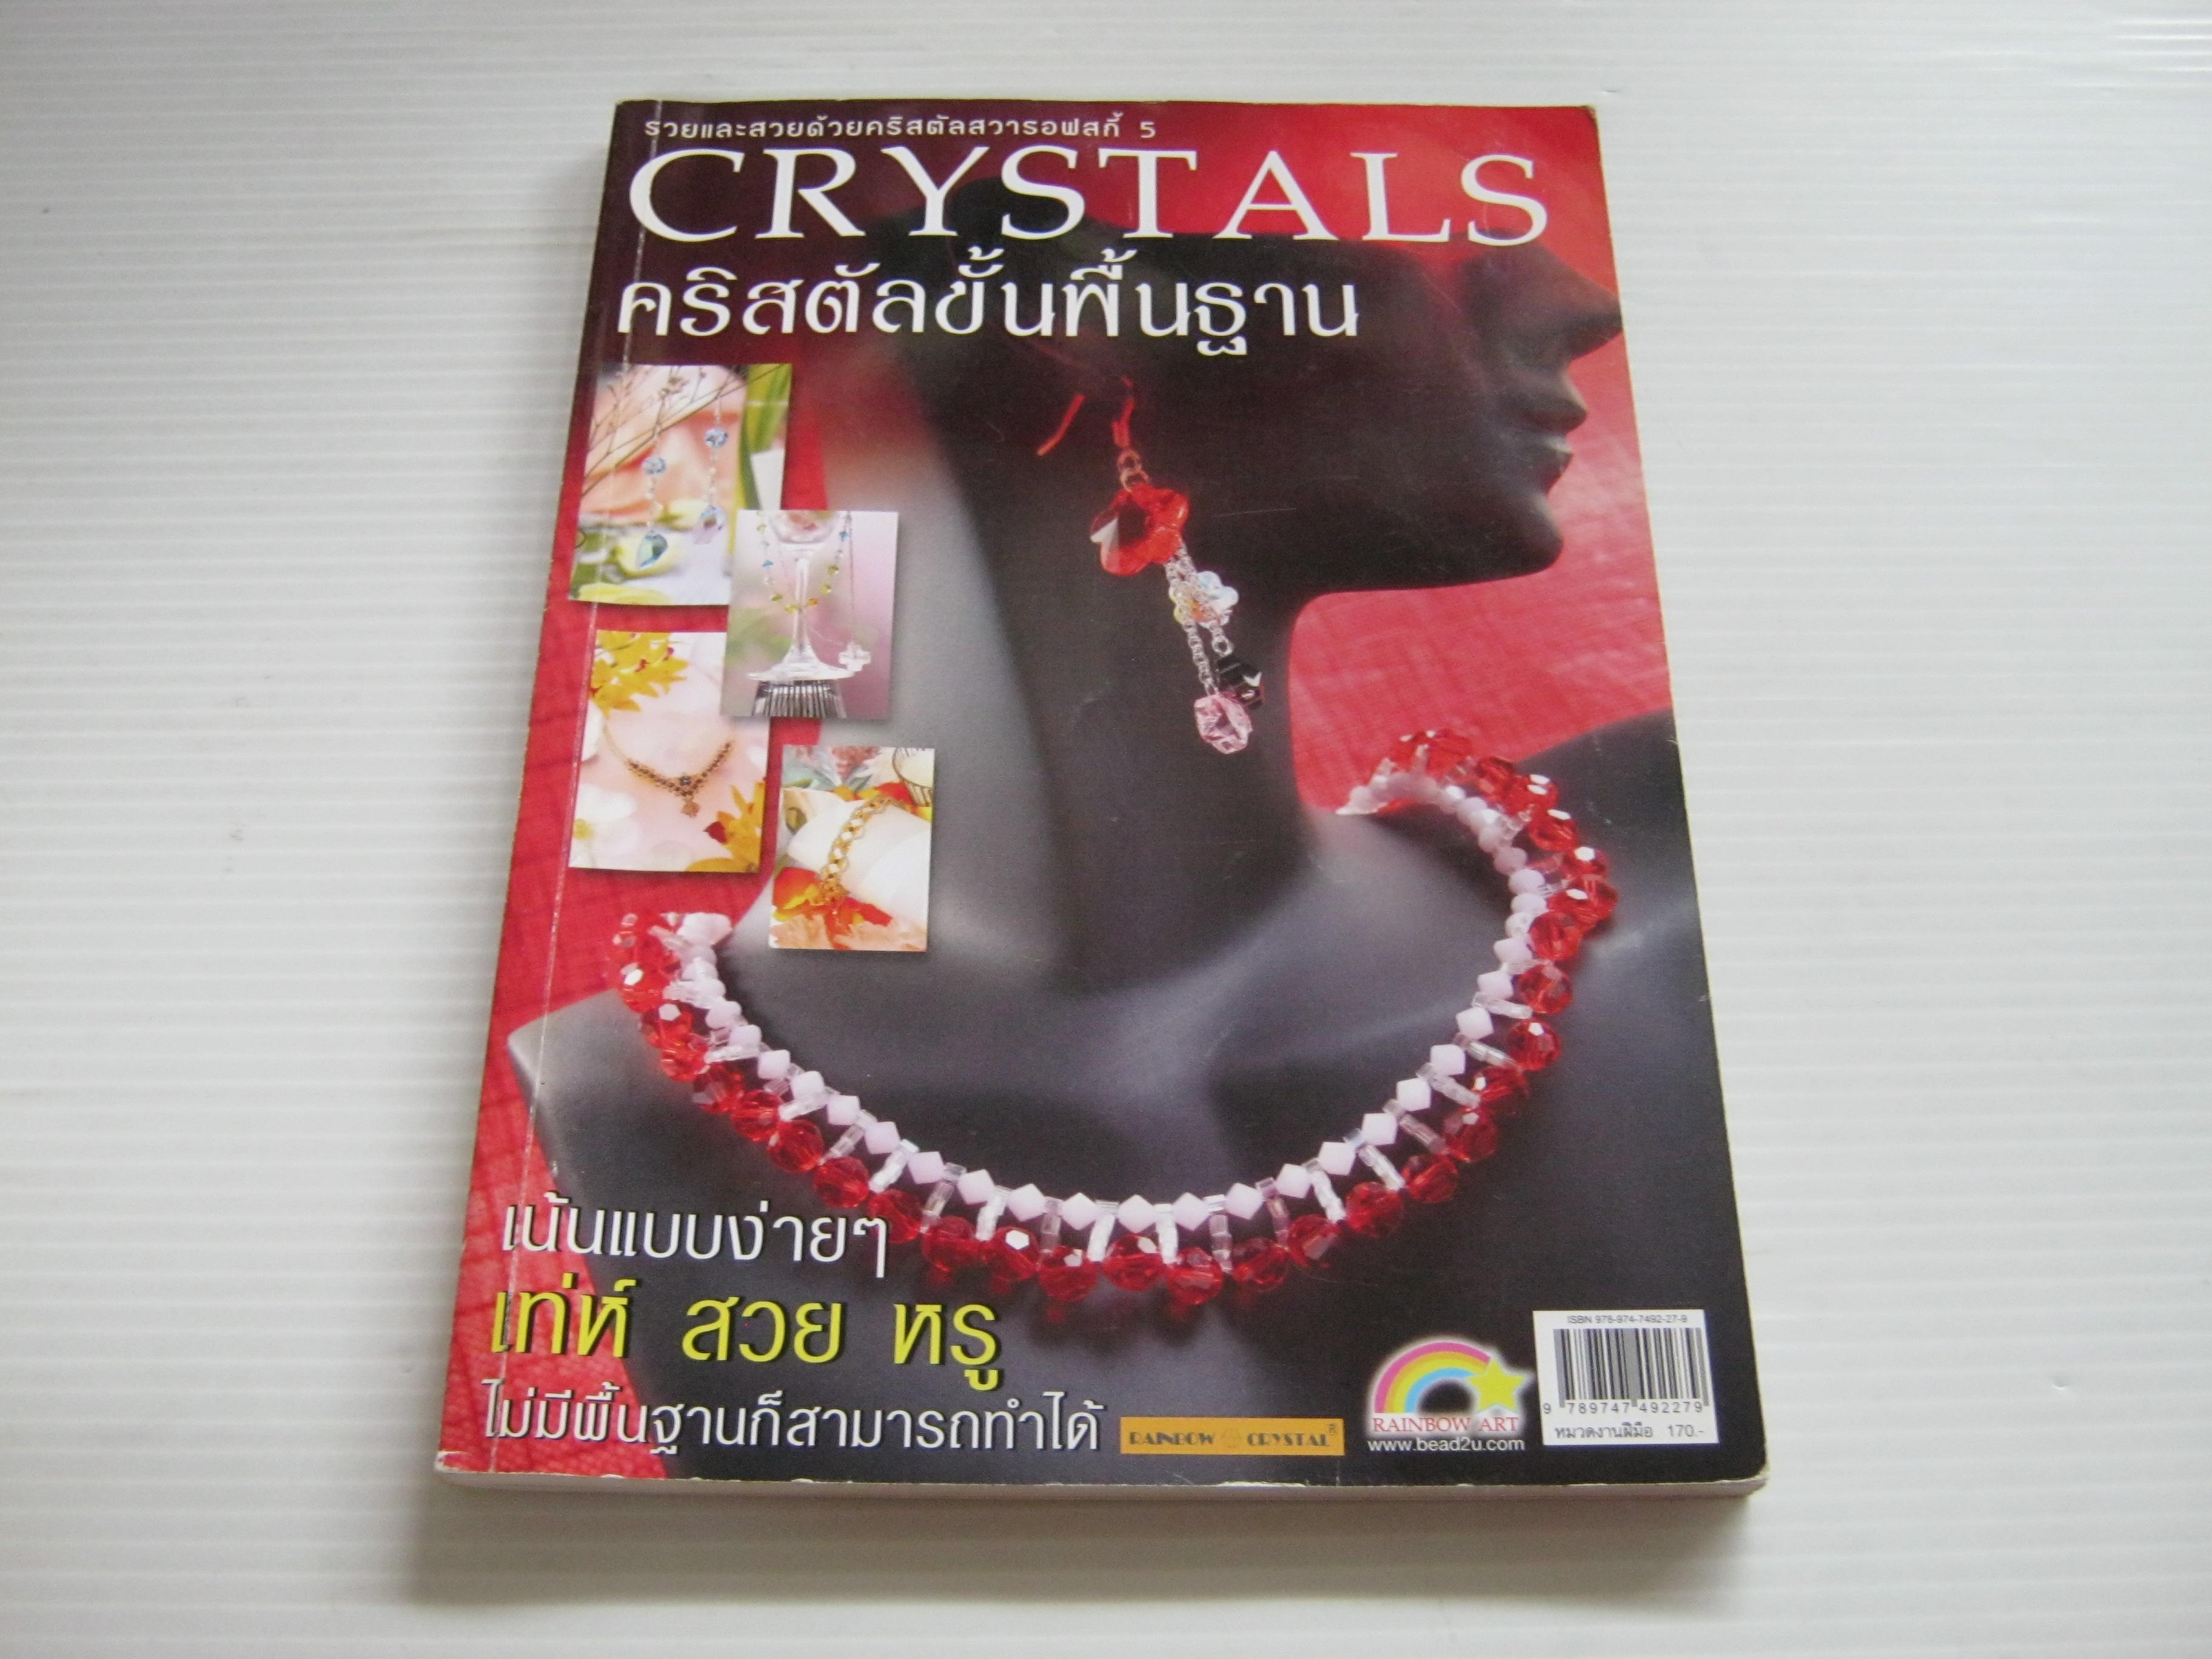 รวยและสวยด้วยคริสตัลสวารอฟสกี้ 5 Crystals คริสตัลพื้นฐาน